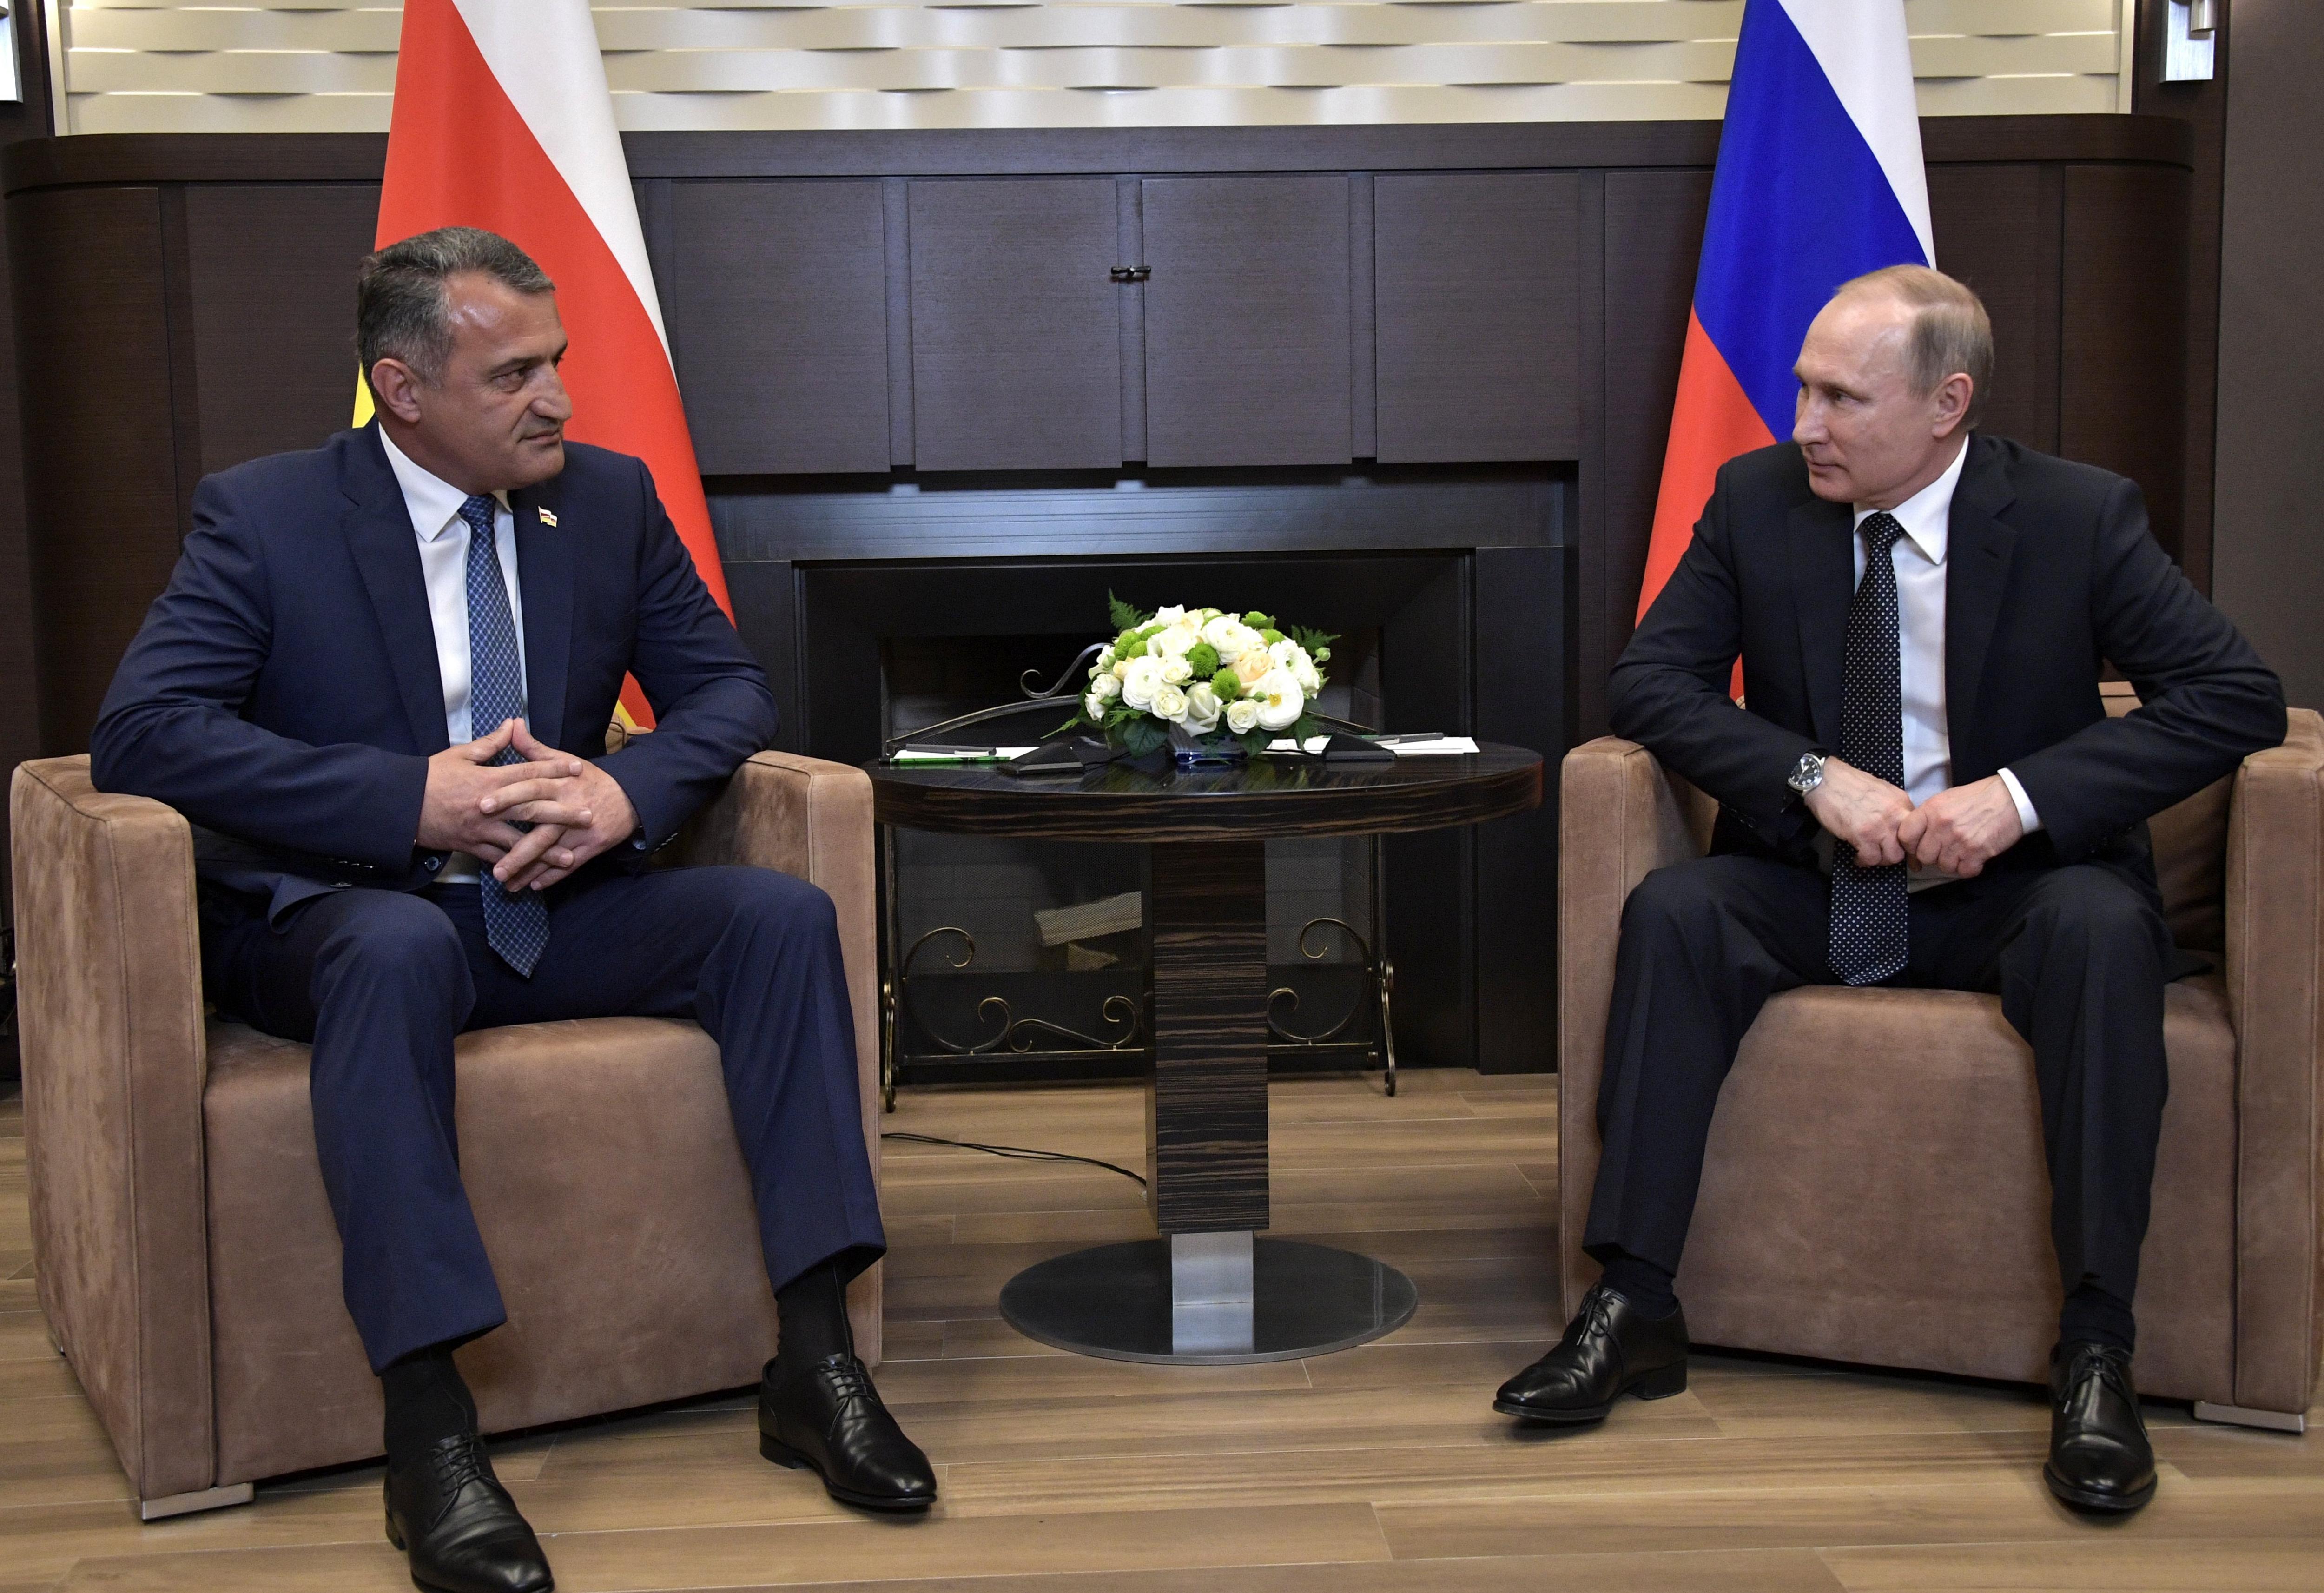 El president rus, Vladimir Putin, conversa amb el president de Osetia del Sud, Anatoli Bibílov, durant una trobada a Sochi, Rússia. / Alexey Nikolsky